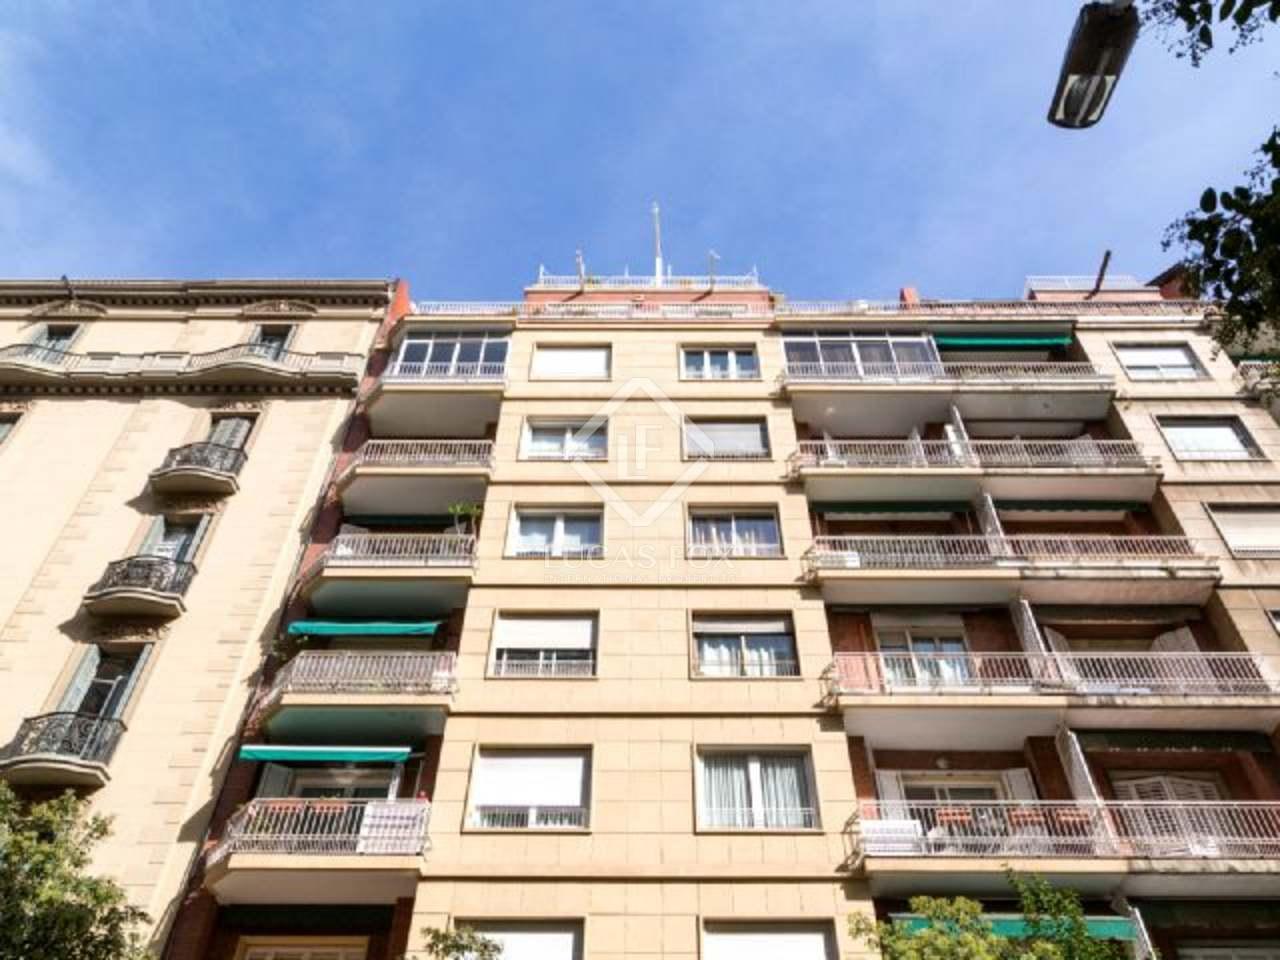 Apartment for sale in barcelona 39 s sant gervasi district - Zona alta barcelona ...